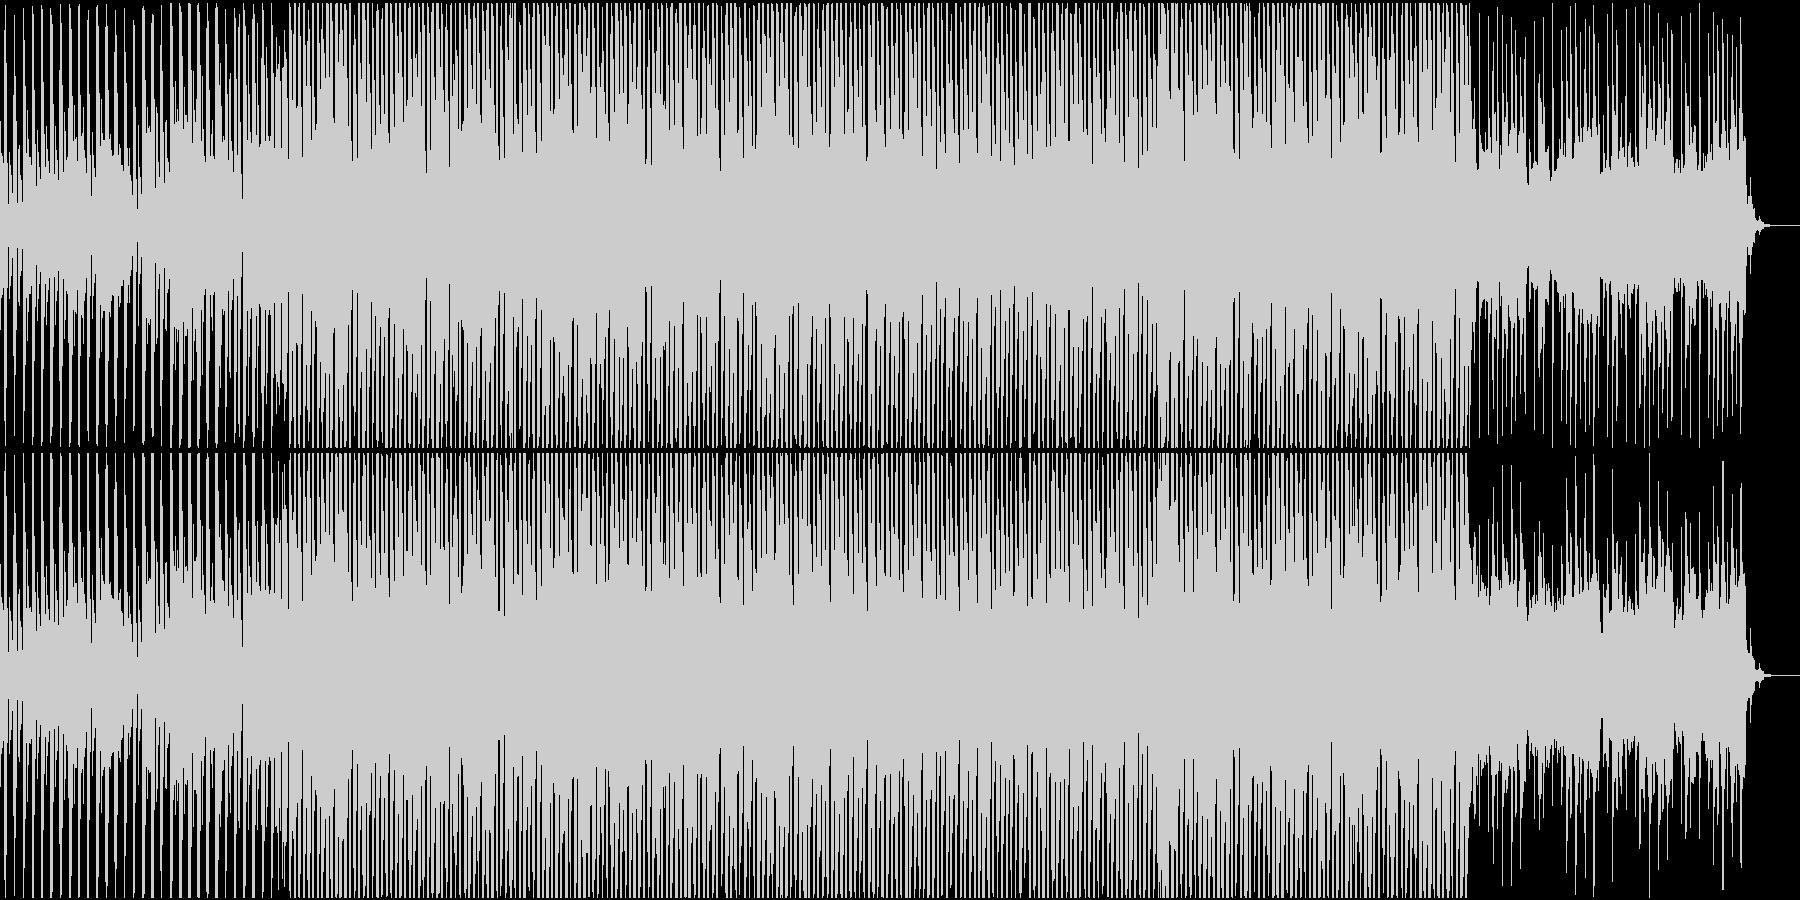 レトロな雰囲気のシンセウェーヴの未再生の波形